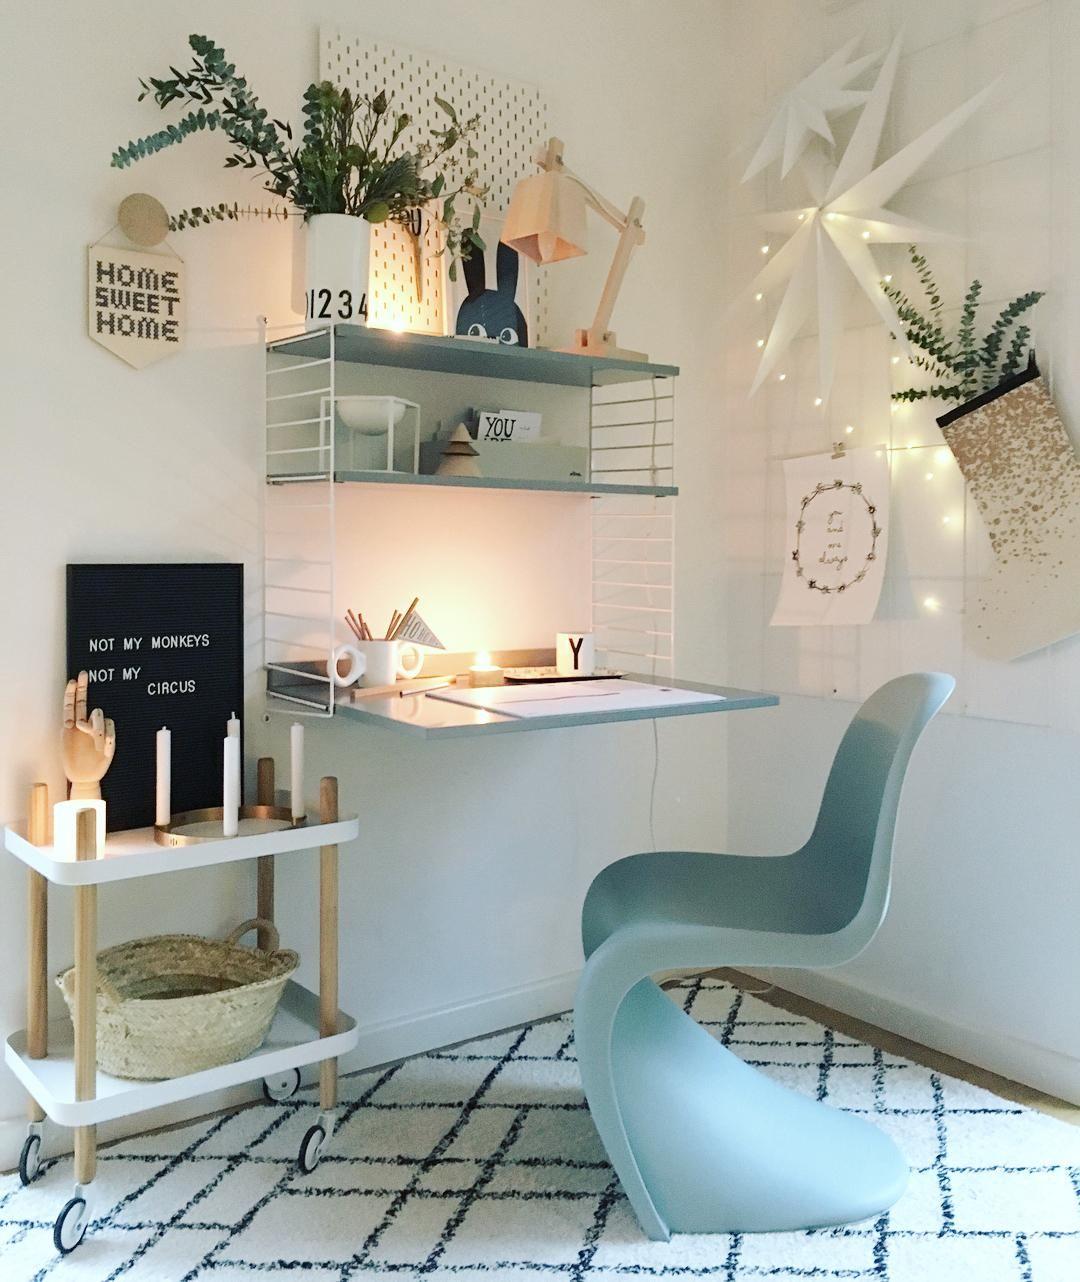 Wohnung Wohnzimmer Dekoration Ideen Auf Ein Budget: In Diesem Stimmungsvollen Ambiente Erledigt Sich Die